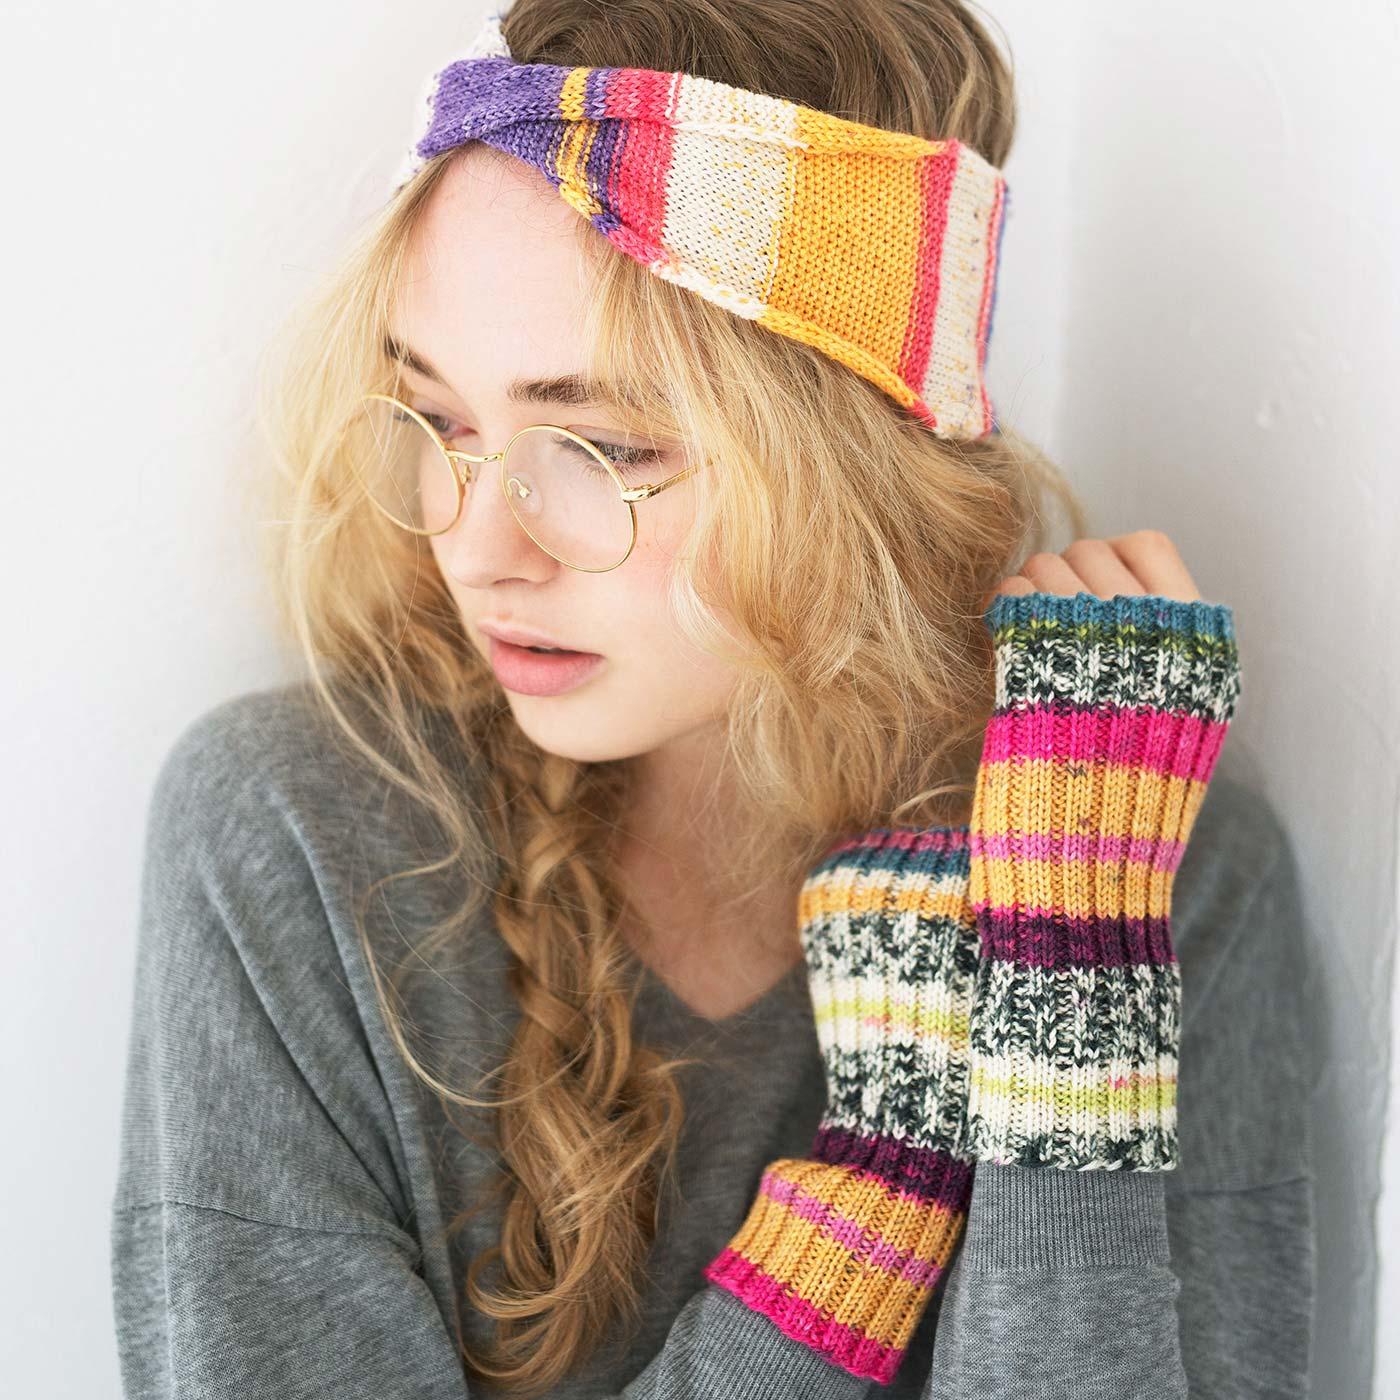 ヘアバンド、アームカバー、コースターなど、余った毛糸で編むおまけも楽しみ。